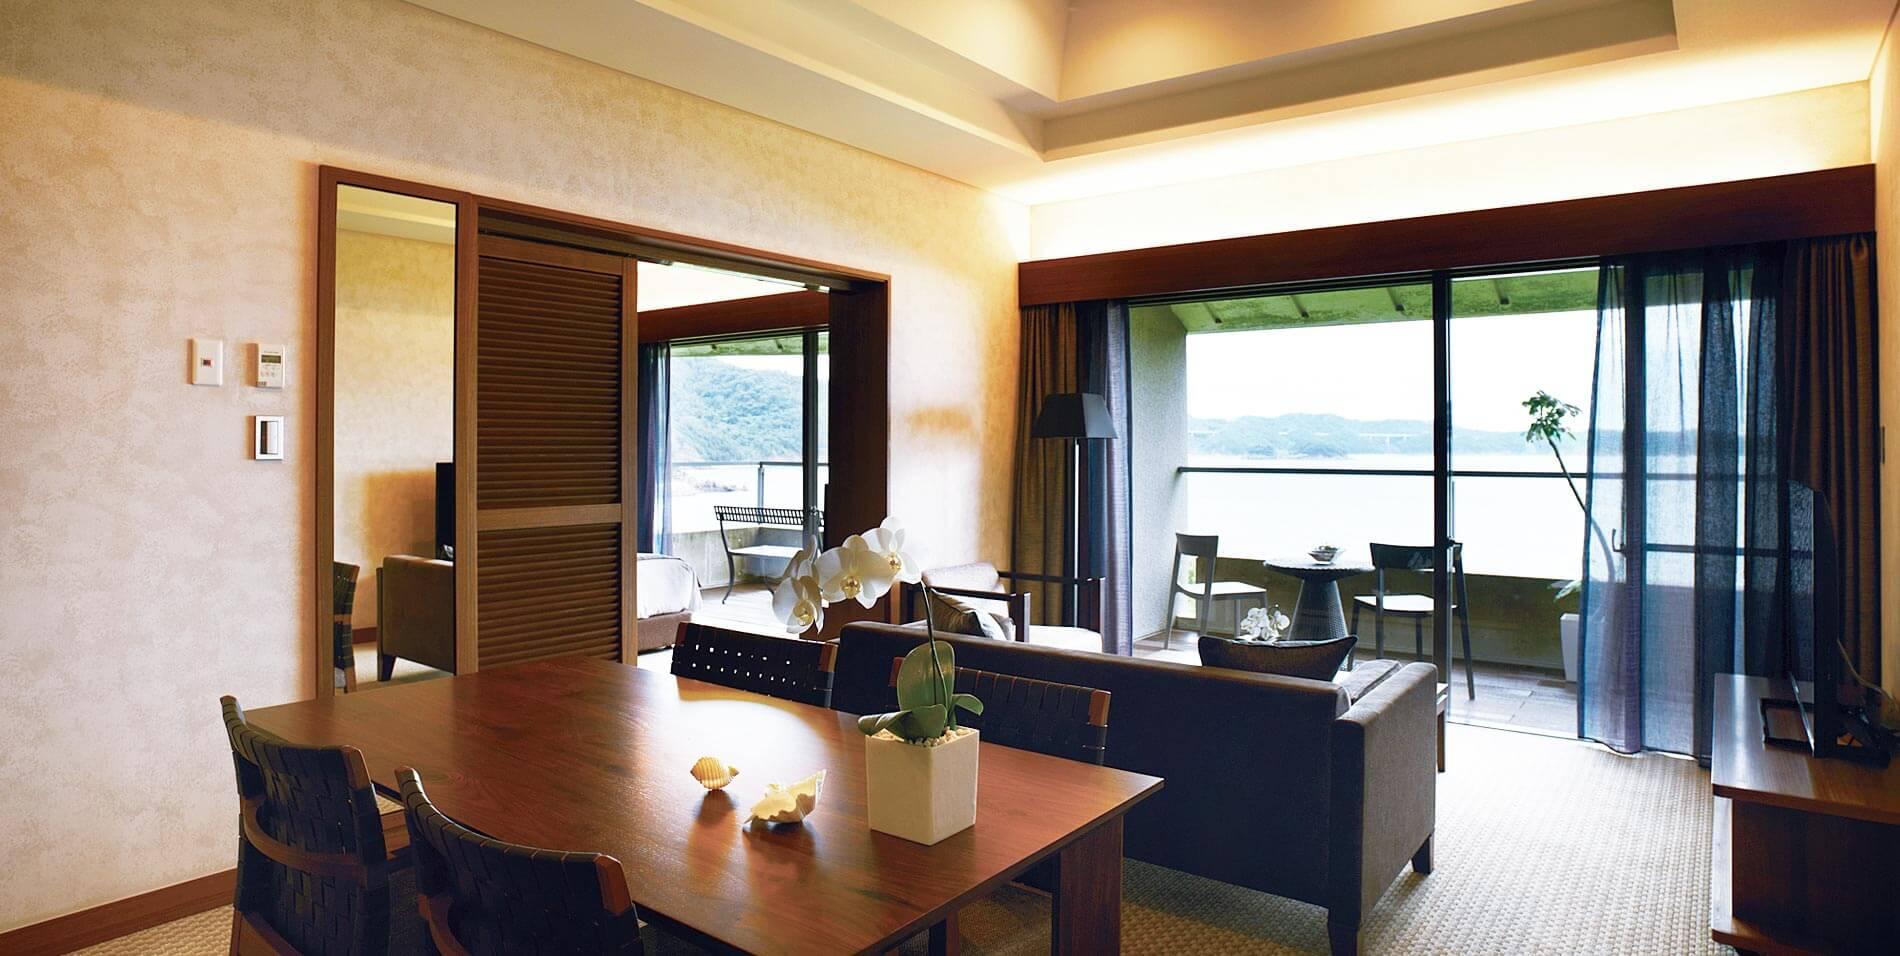 淡路島のおすすめの高級旅館 ホテルアナガ